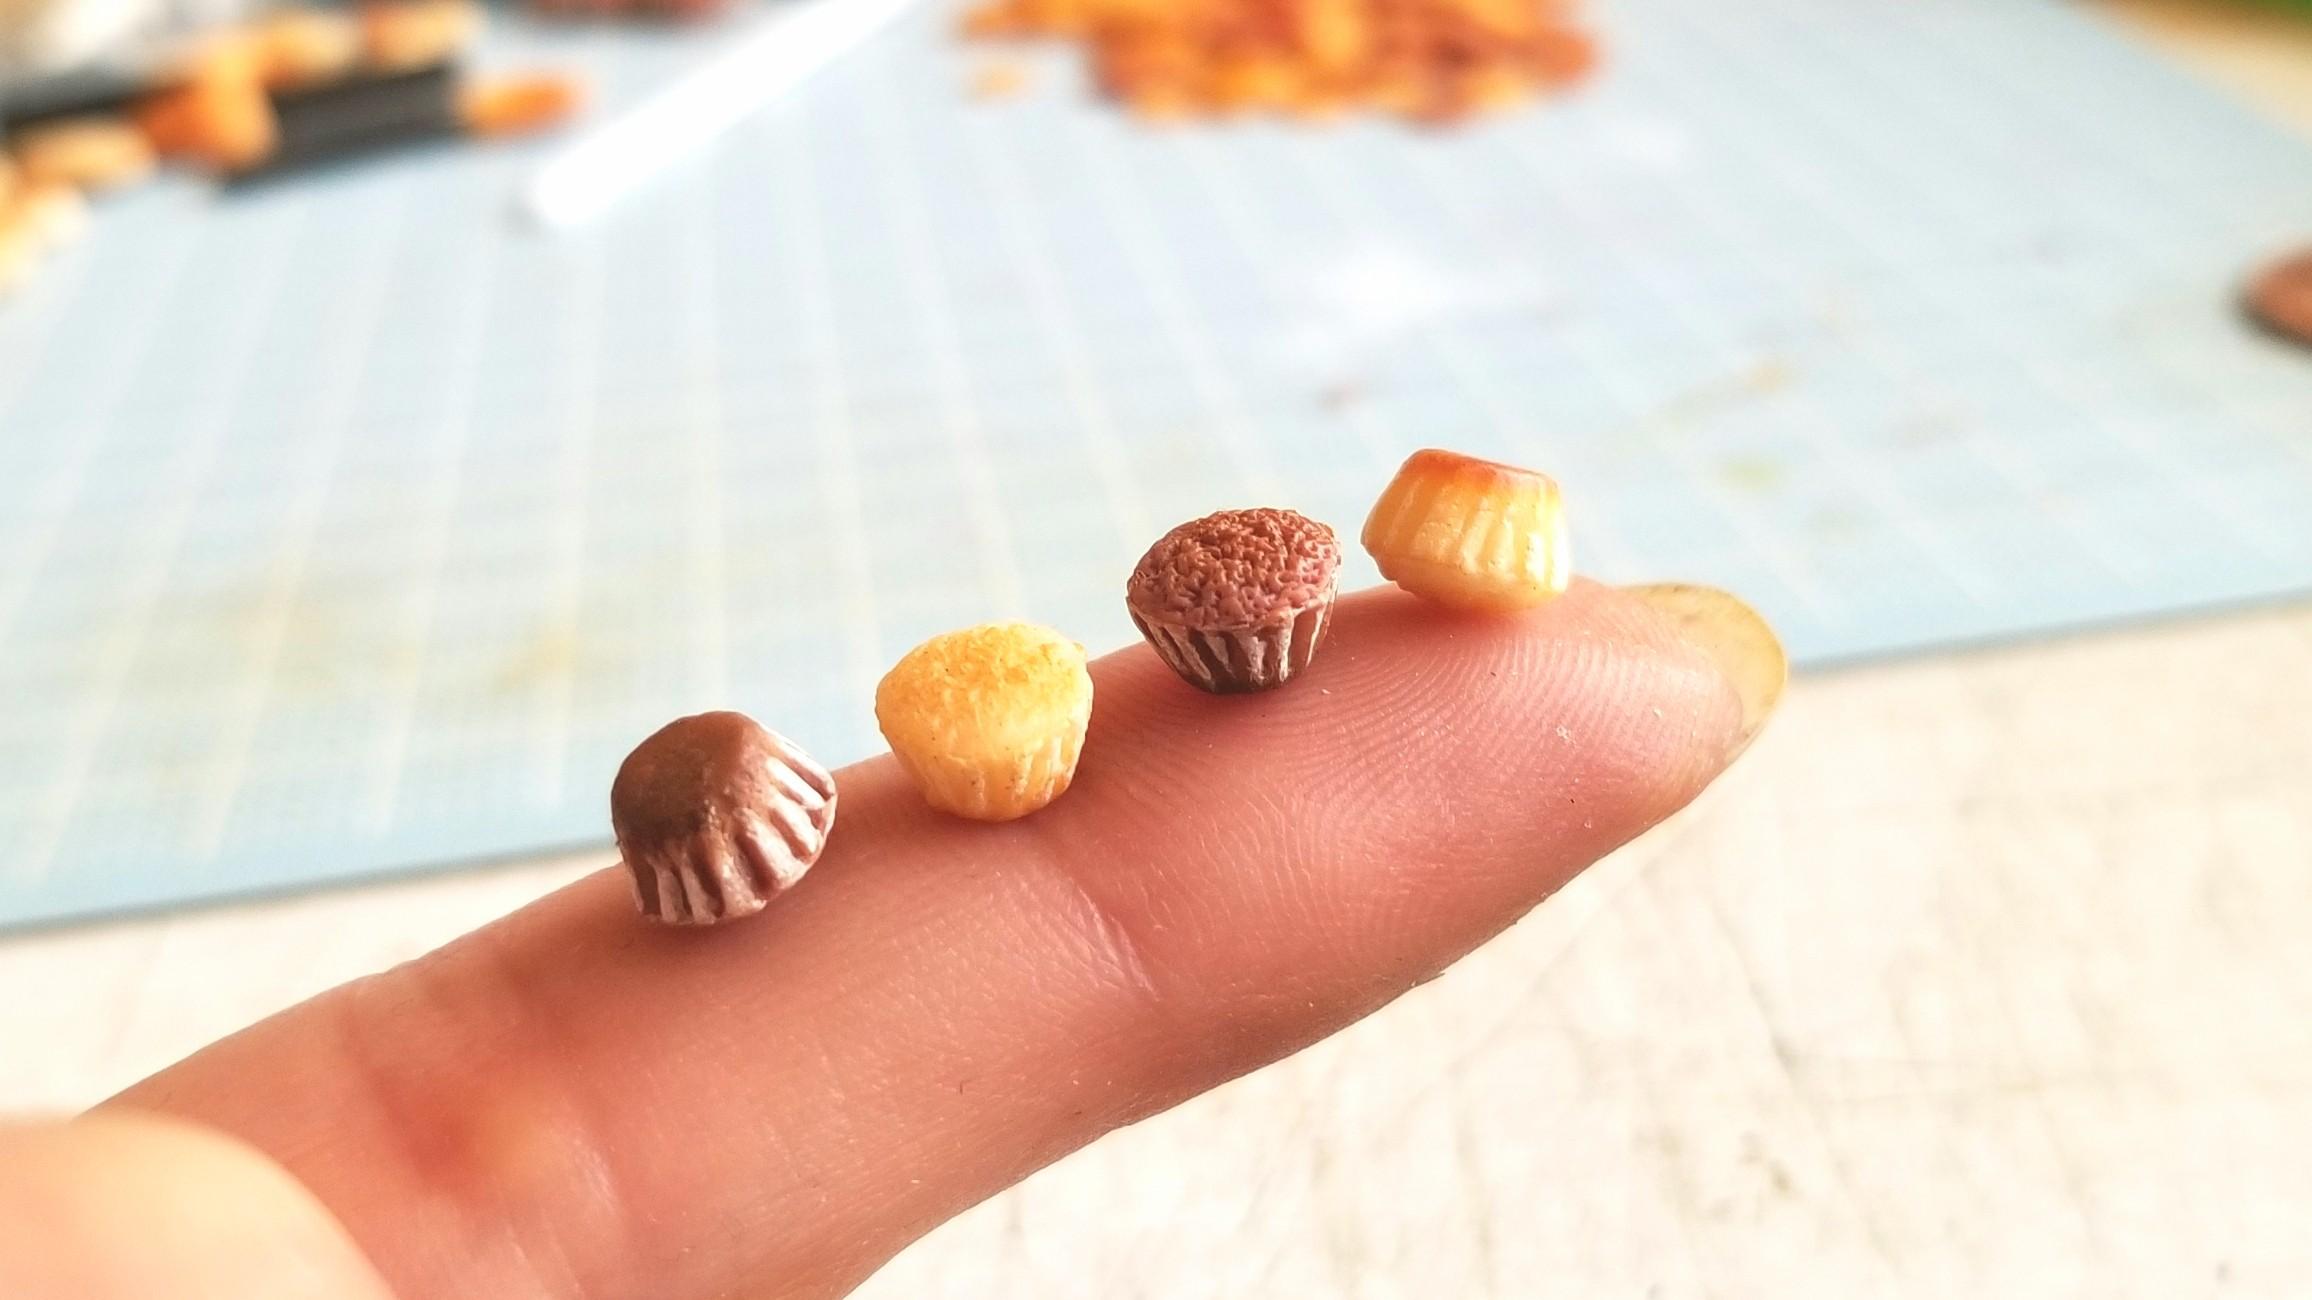 カップケーキ,ミニチュア,樹脂粘土,製作中,試行錯誤,ドール,食玩